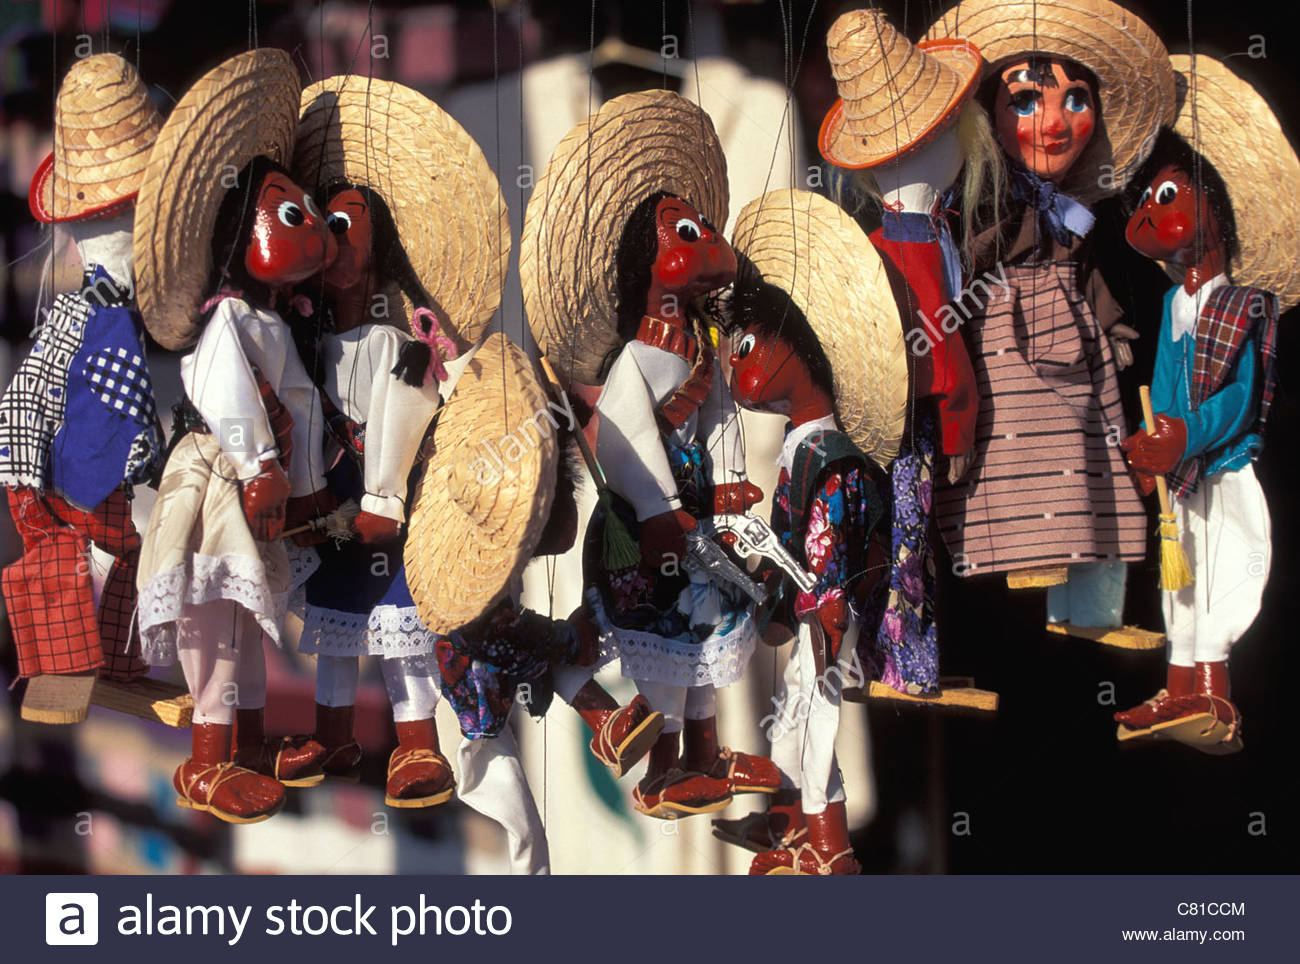 Souvenir Dolls Mexico Stock Photos   Souvenir Dolls Mexico Stock ... 2d42ff2bd82